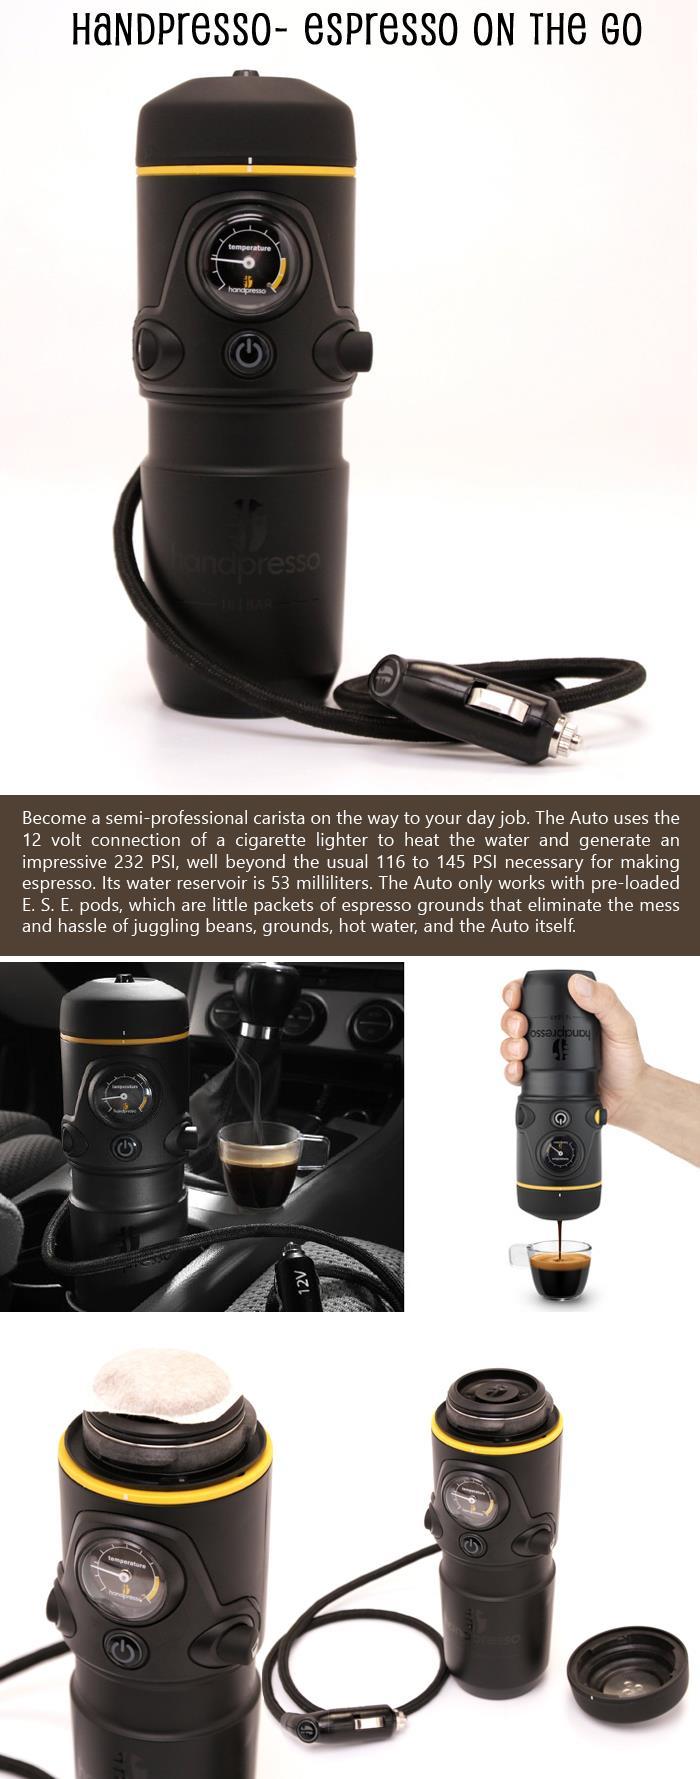 Handpresso- Espresso On The Go